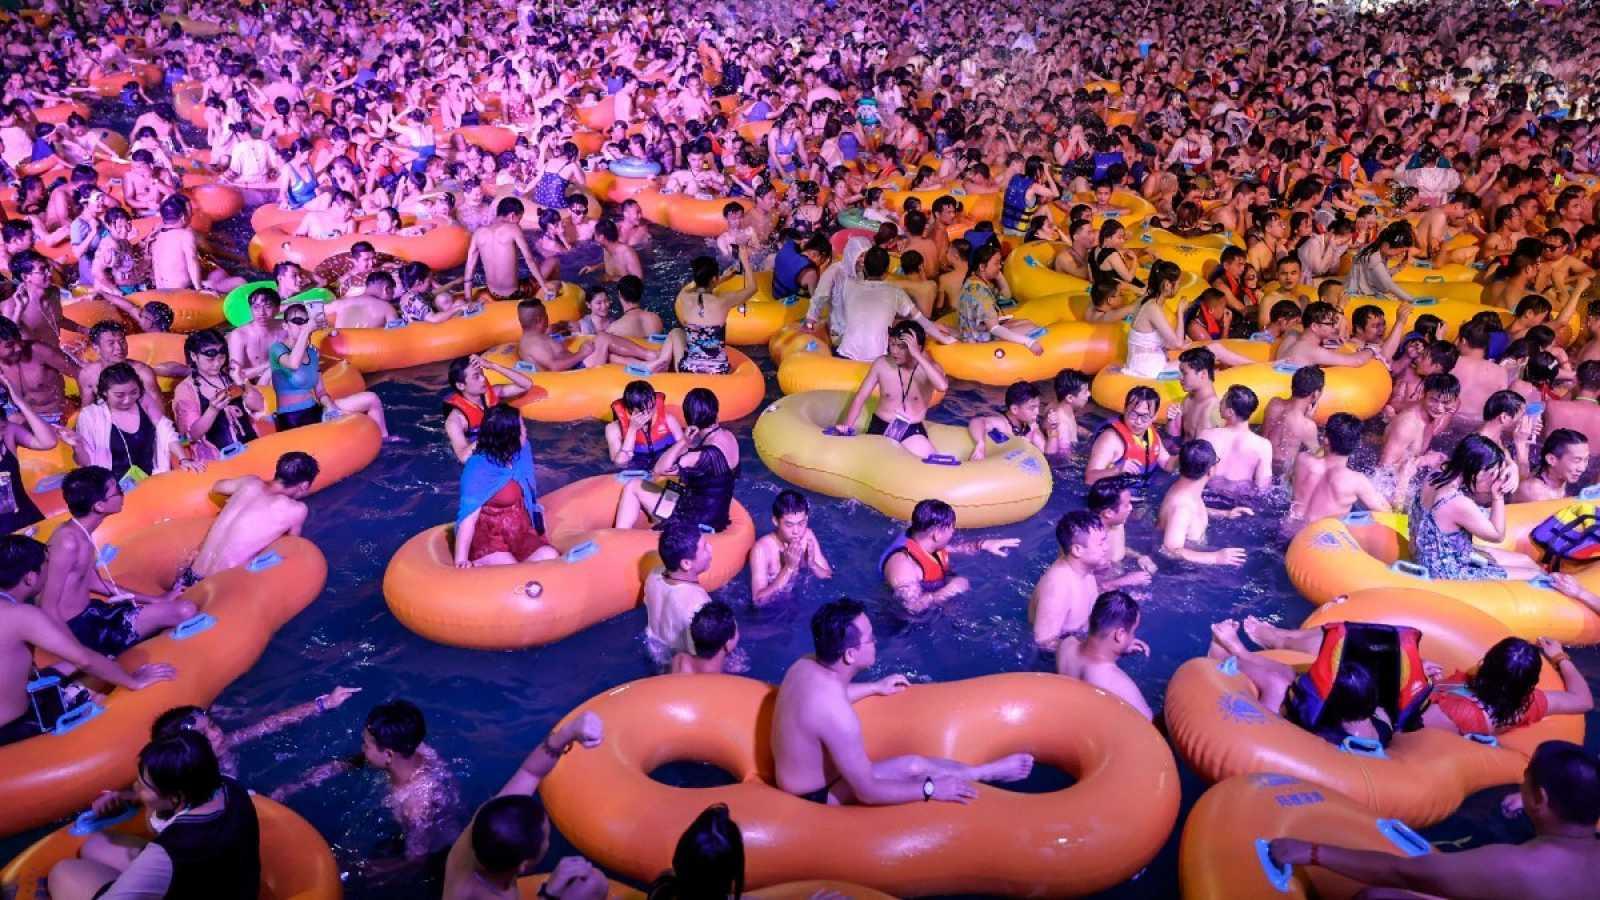 Un fiesta en un parque acuático congrega a miles de personas en Wuhan, que no notifica nuevos casos de coronavirus desde mayo